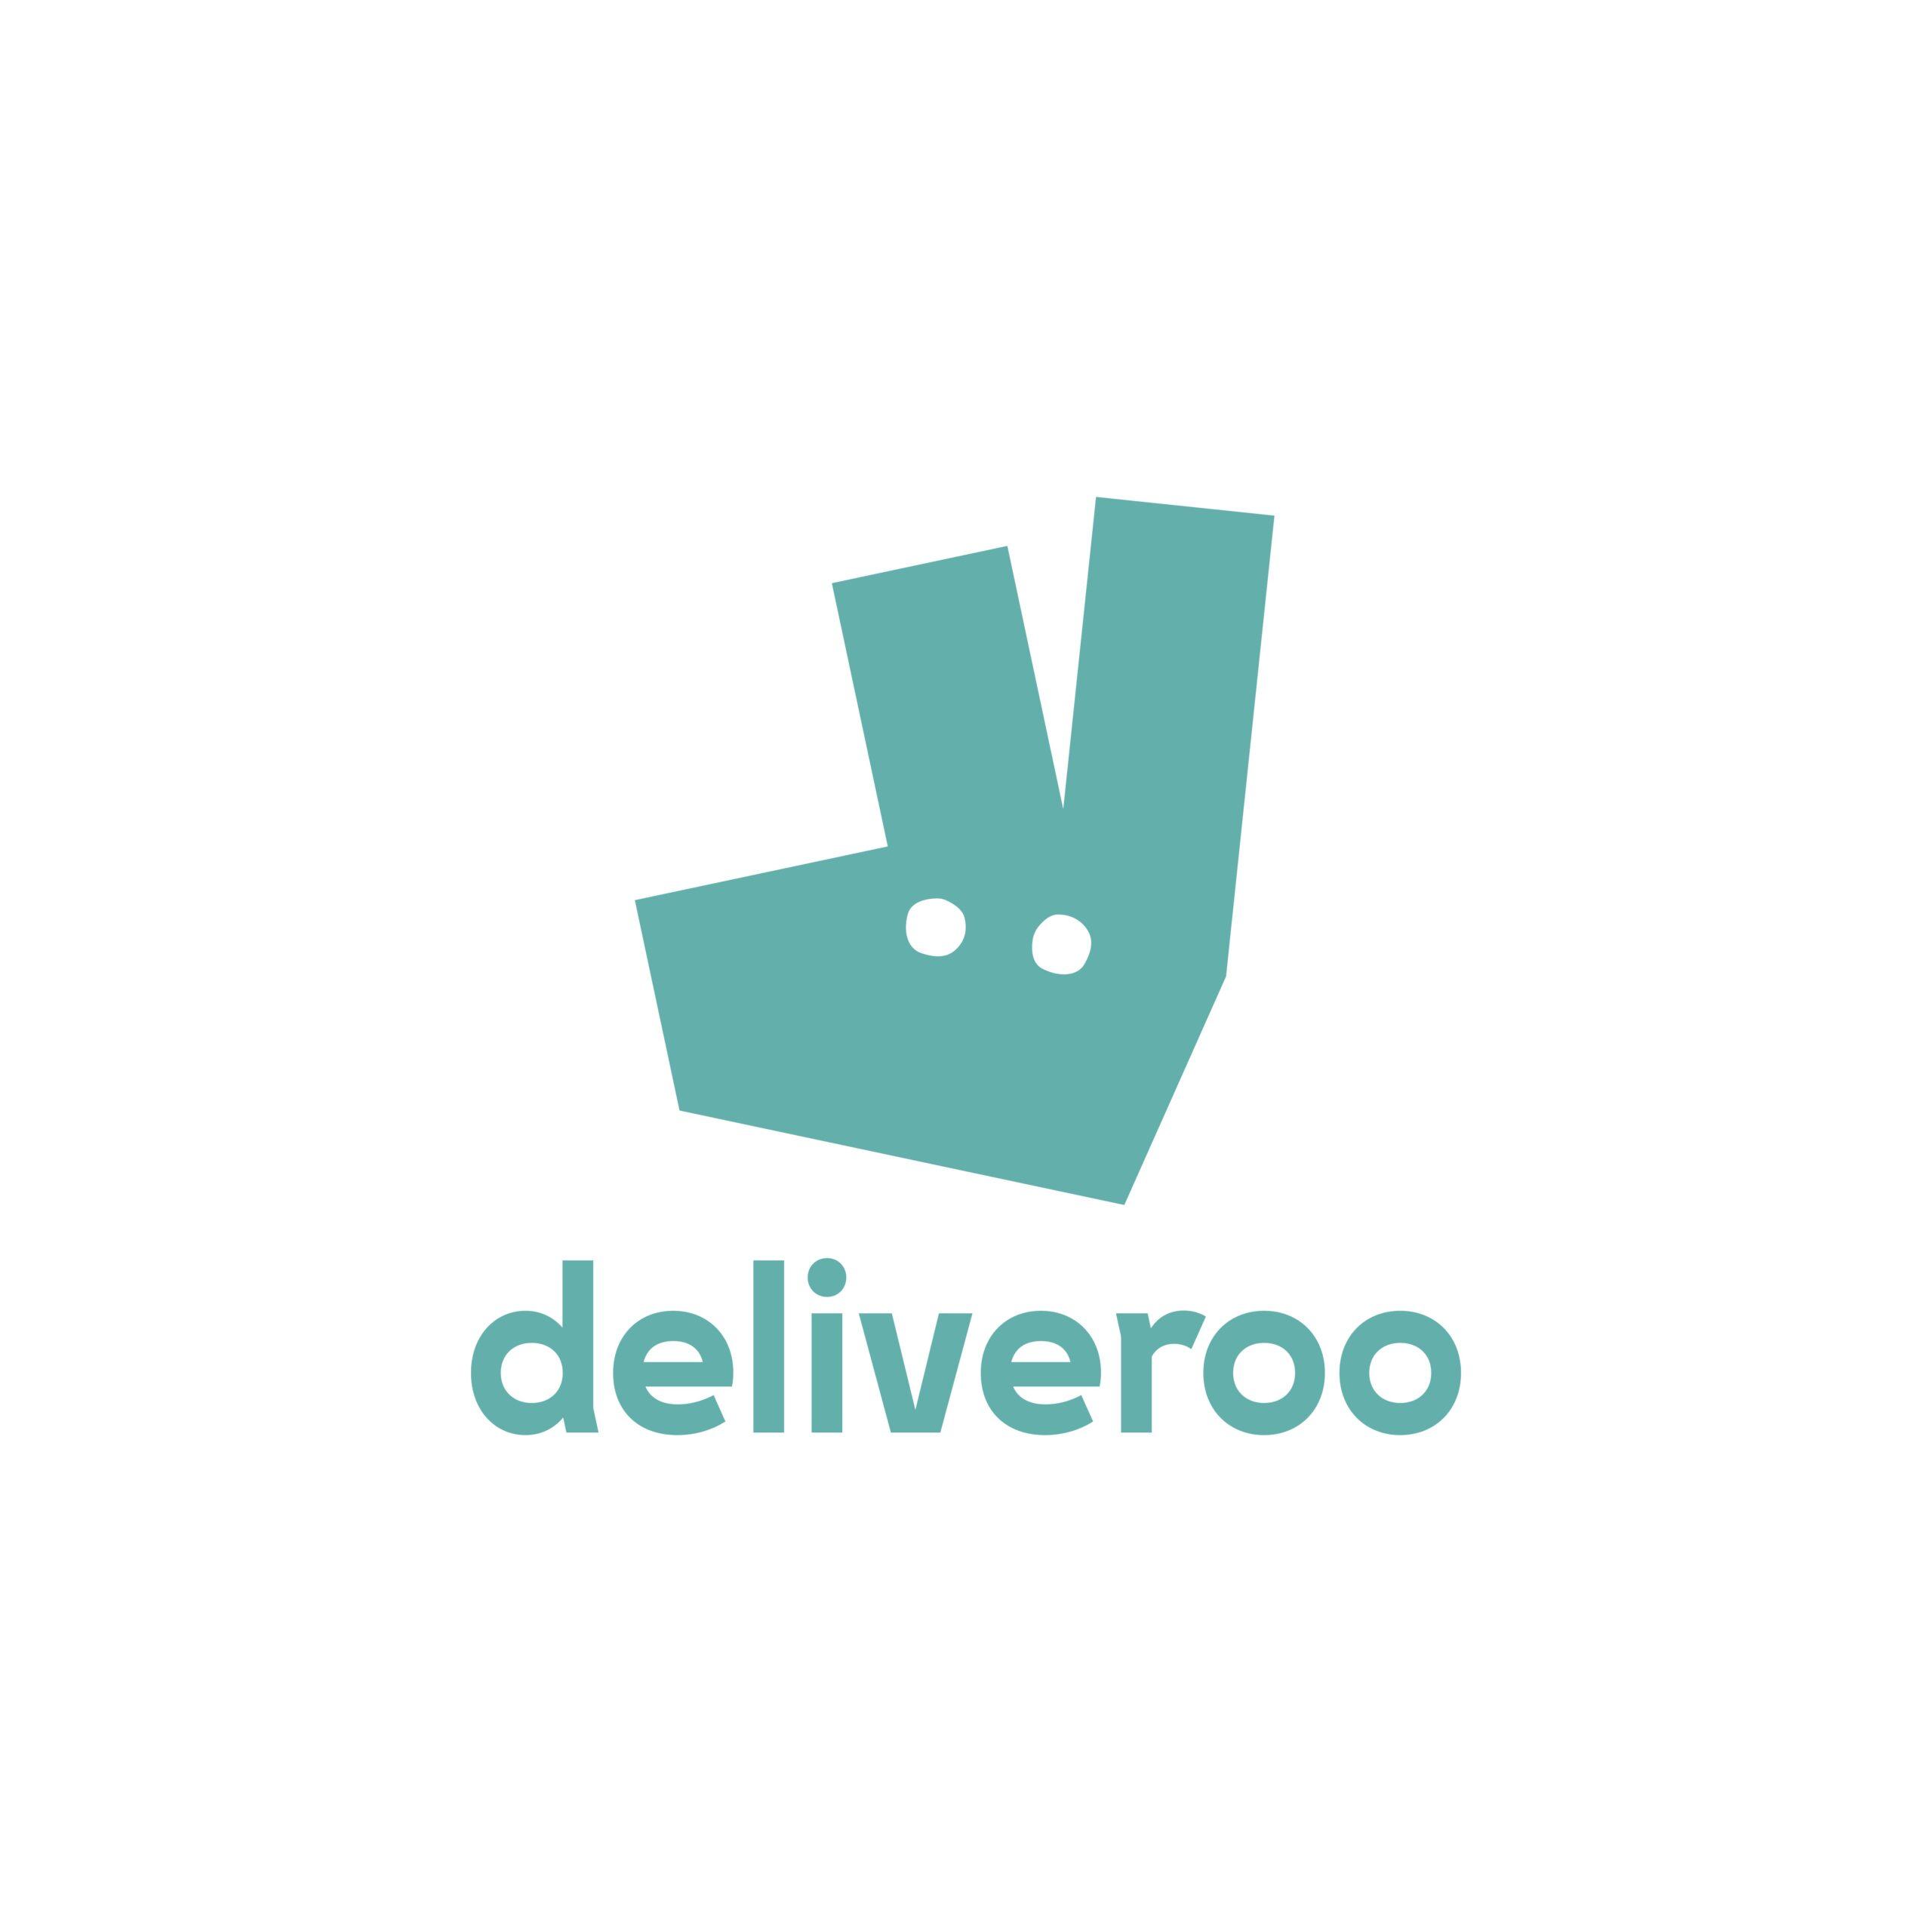 Deliveroo est un service primé fondé en 2013 par William Shu et Greg Orlowski. Deliveroo travaille avec plus de 115 000 restaurants et commerces de proximité dans le monde, et 100 000 livreurs partenaires, pour offrir à ses clients la meilleure expérience de livraison de repas et de courses au monde. En France ce sont 20 000 restaurants et 14 000 livreurs partenaires qui travaillent avec Deliveroo. Deliveroo opère dans 800 villes sur 12 marchés : l'Australie, la Belgique, la France, Hong Kong, l'Italie, l'Irlande, les Pays-Bas, Singapour, l'Espagne, les Émirats arabes unis, le Koweït et le Royaume-Uni. Deliveroo, dont le siège est basé à Londres, compte plus de 2 000 employés répartis dans les bureaux du monde entier.